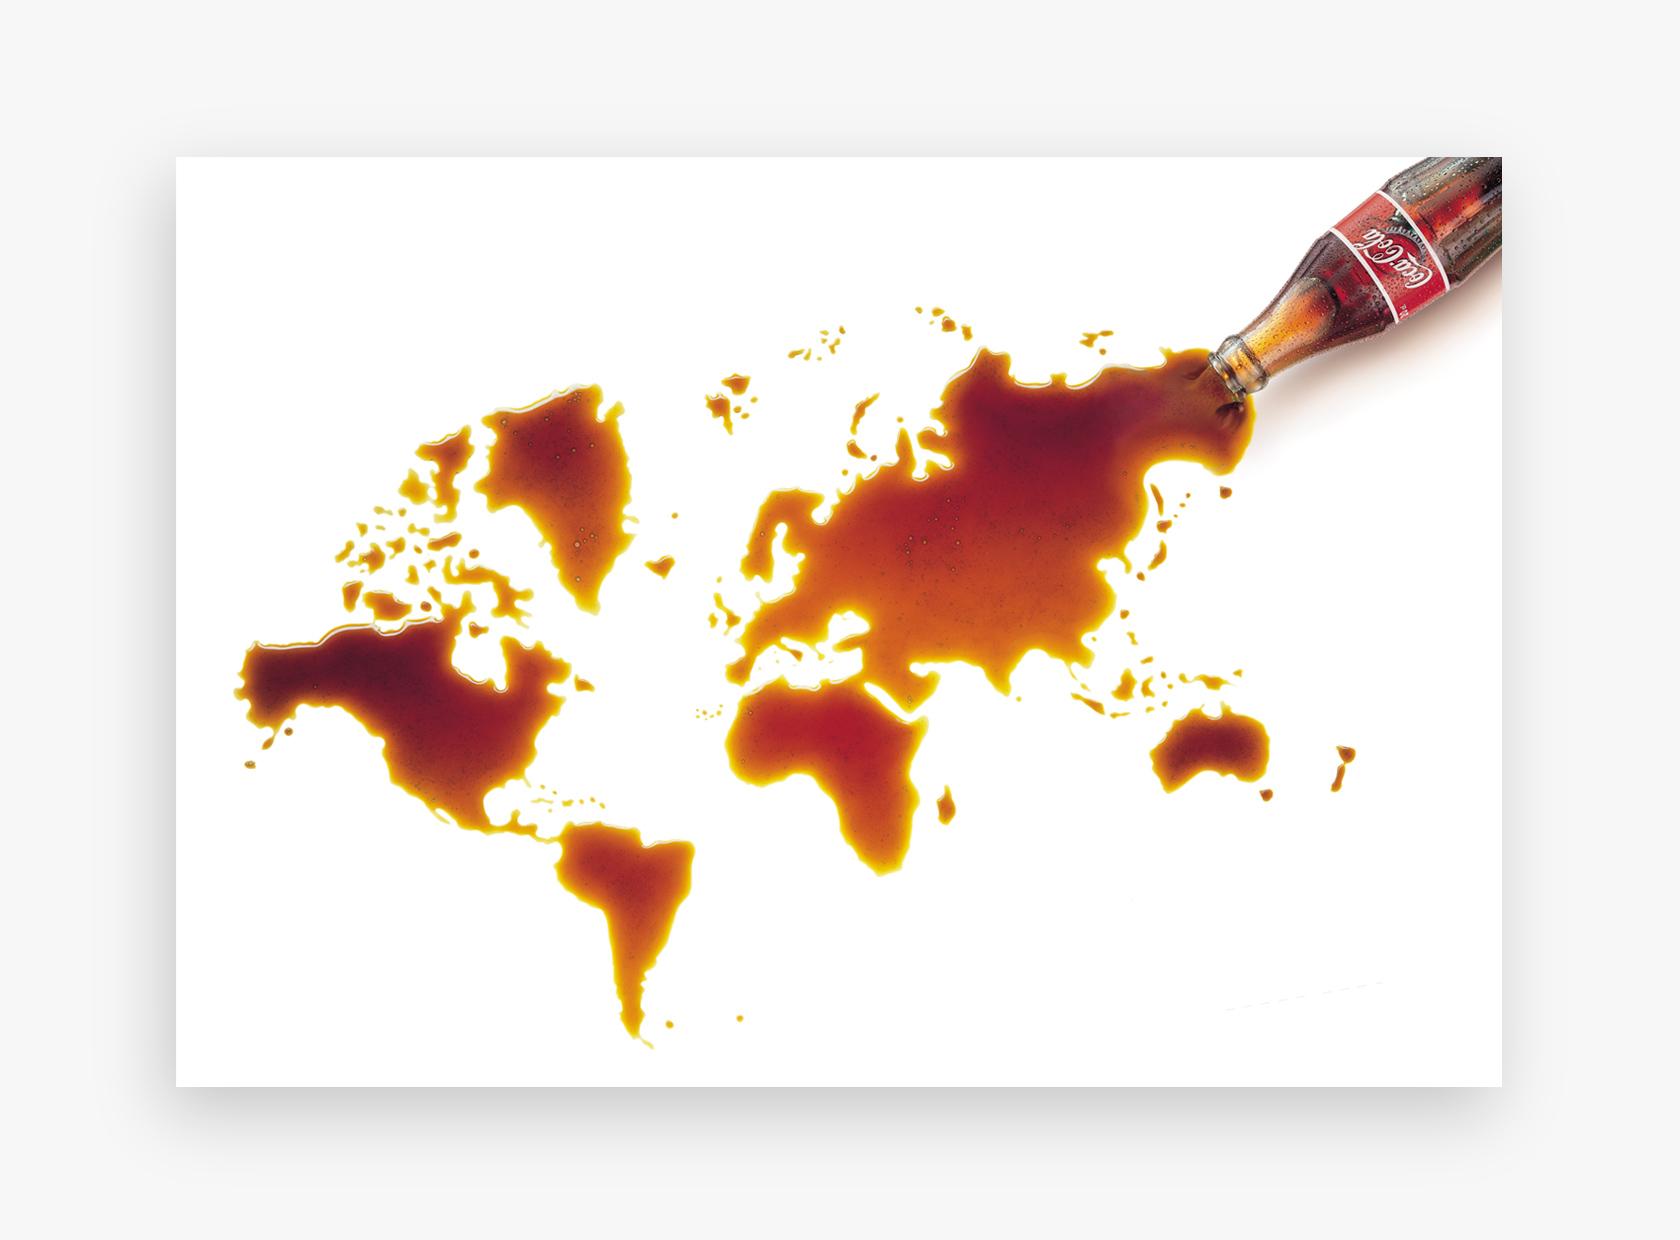 Coca Cola - All over the world